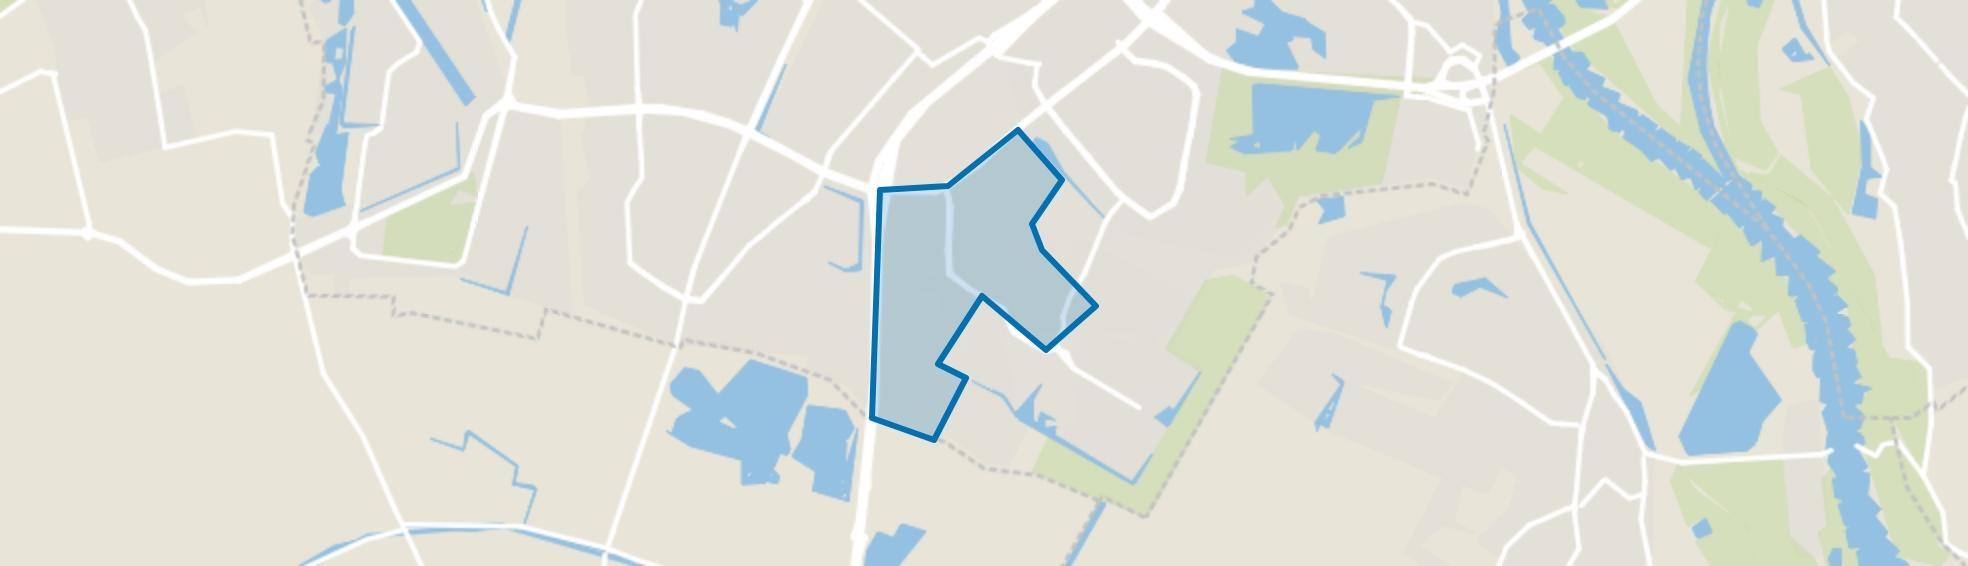 Rijkerswoerd-West, Arnhem map